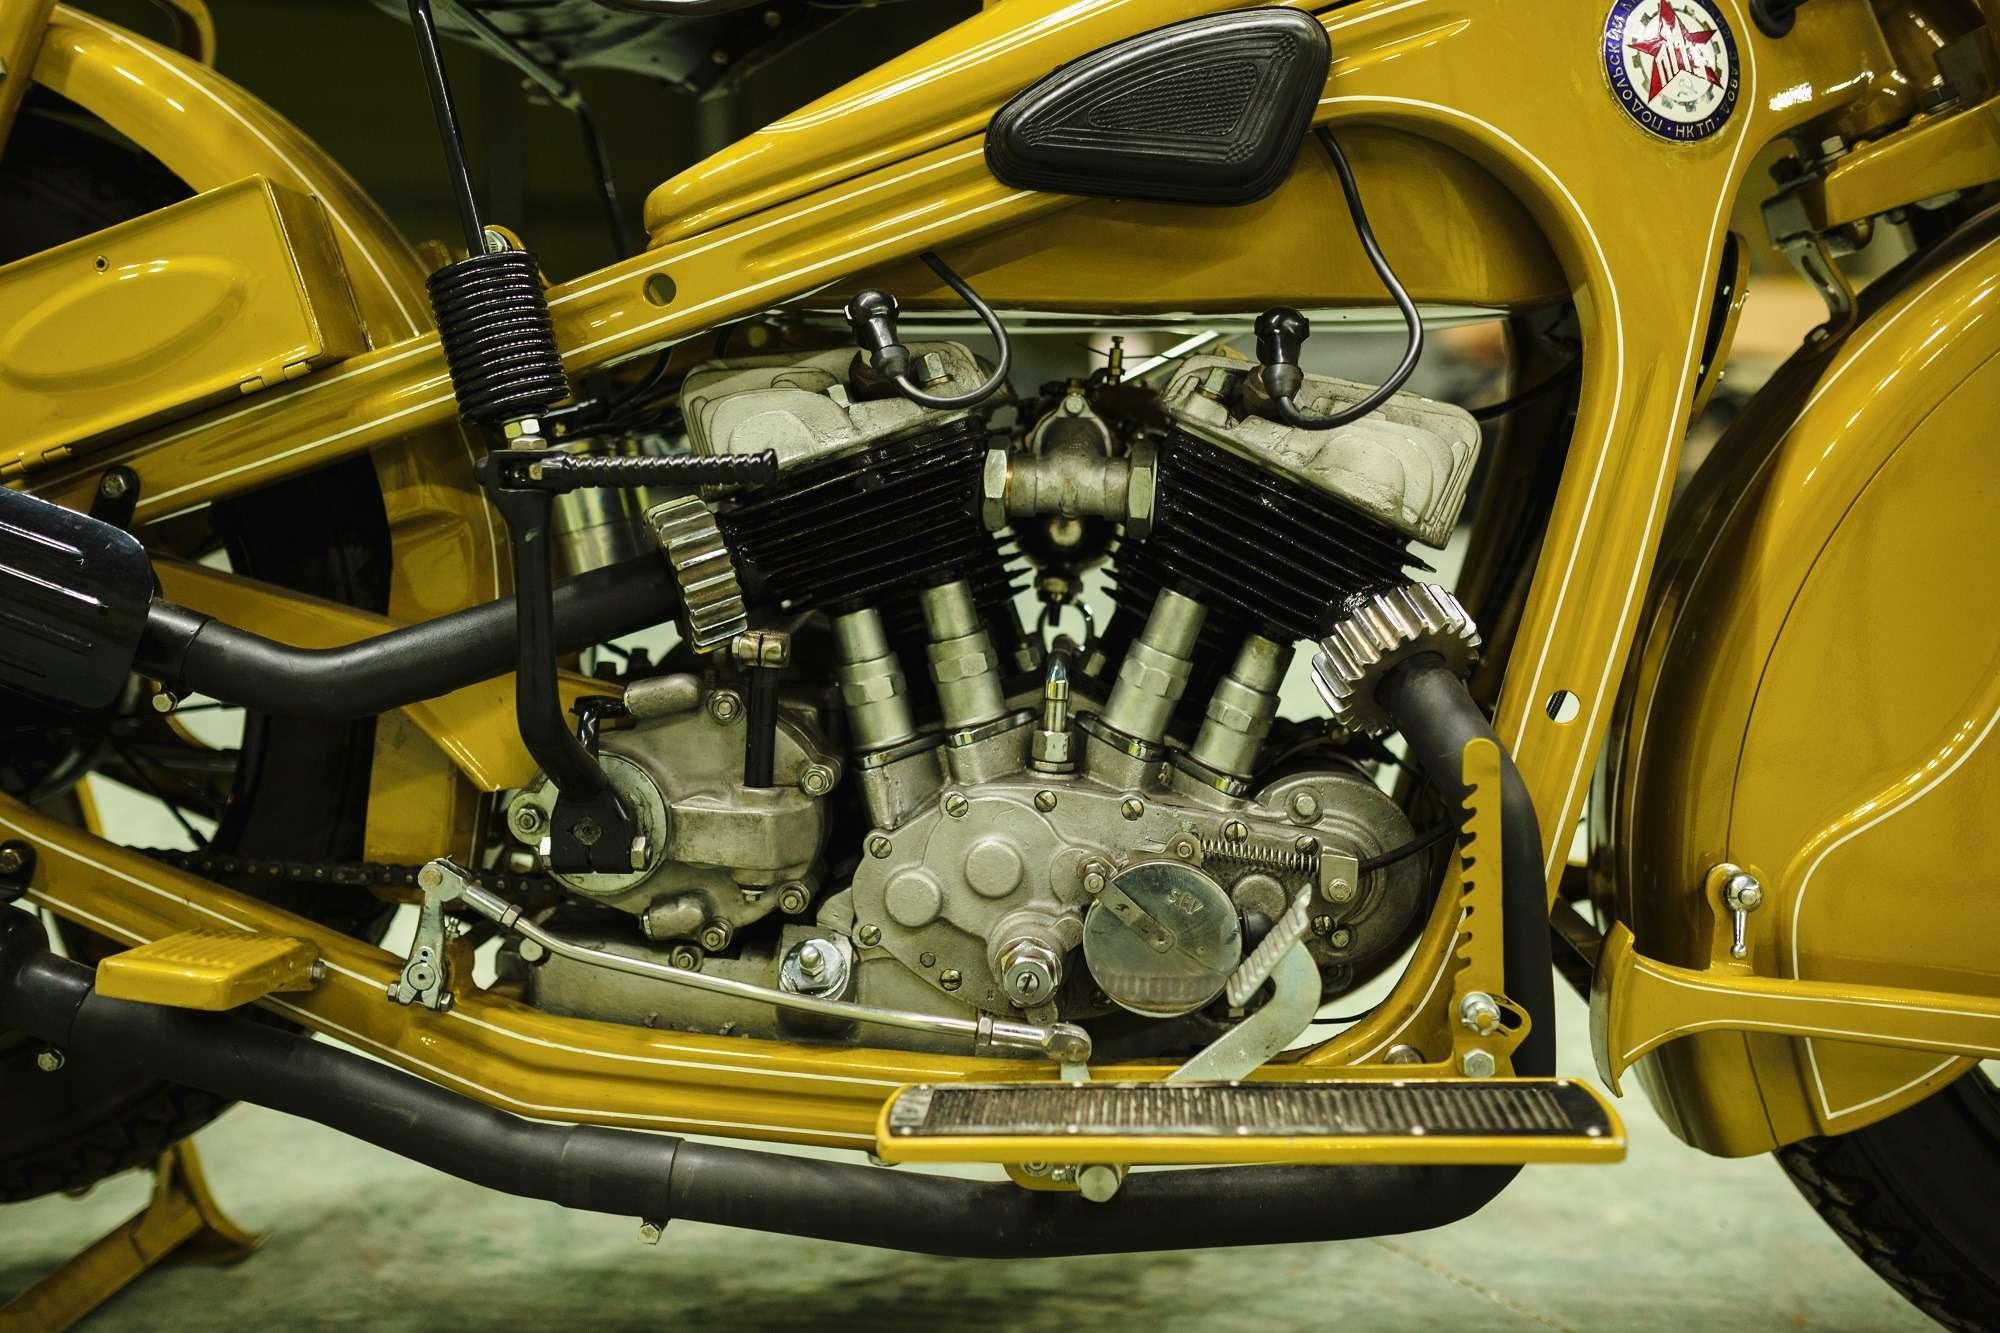 Тяжелый мотоцикл ПМЗ А-750: как Harley-Davidson оказался в ходовой BMW — фото 927409